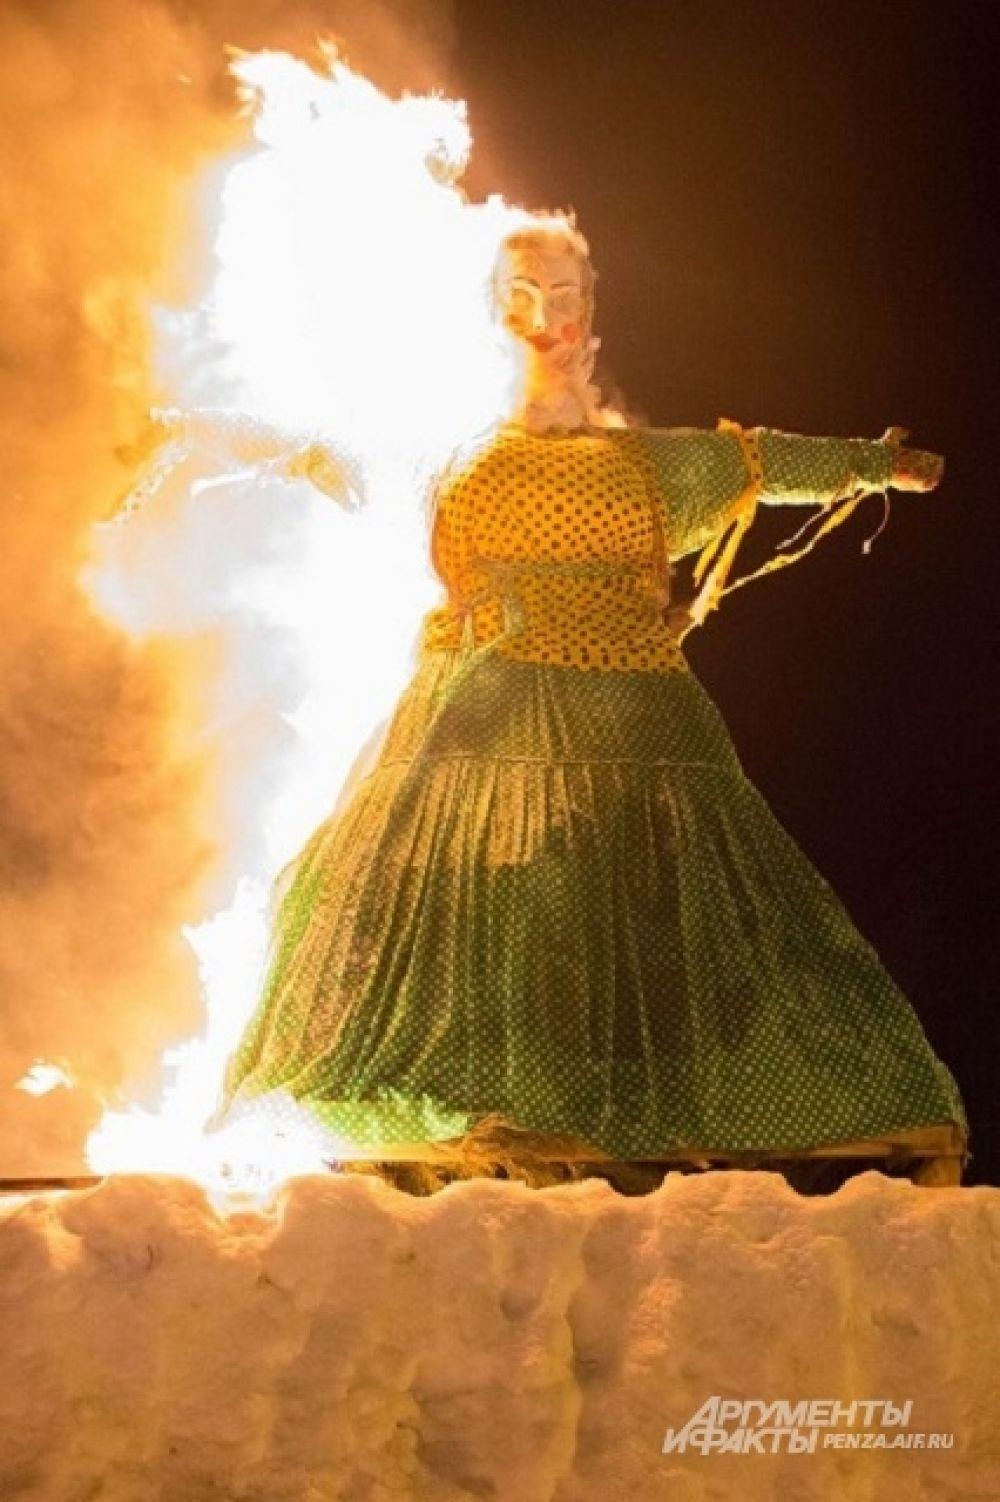 Кульминацией Масленицы и по сей день остается сжигание чучела Зимы - символа ухода зимы и наступления весны.